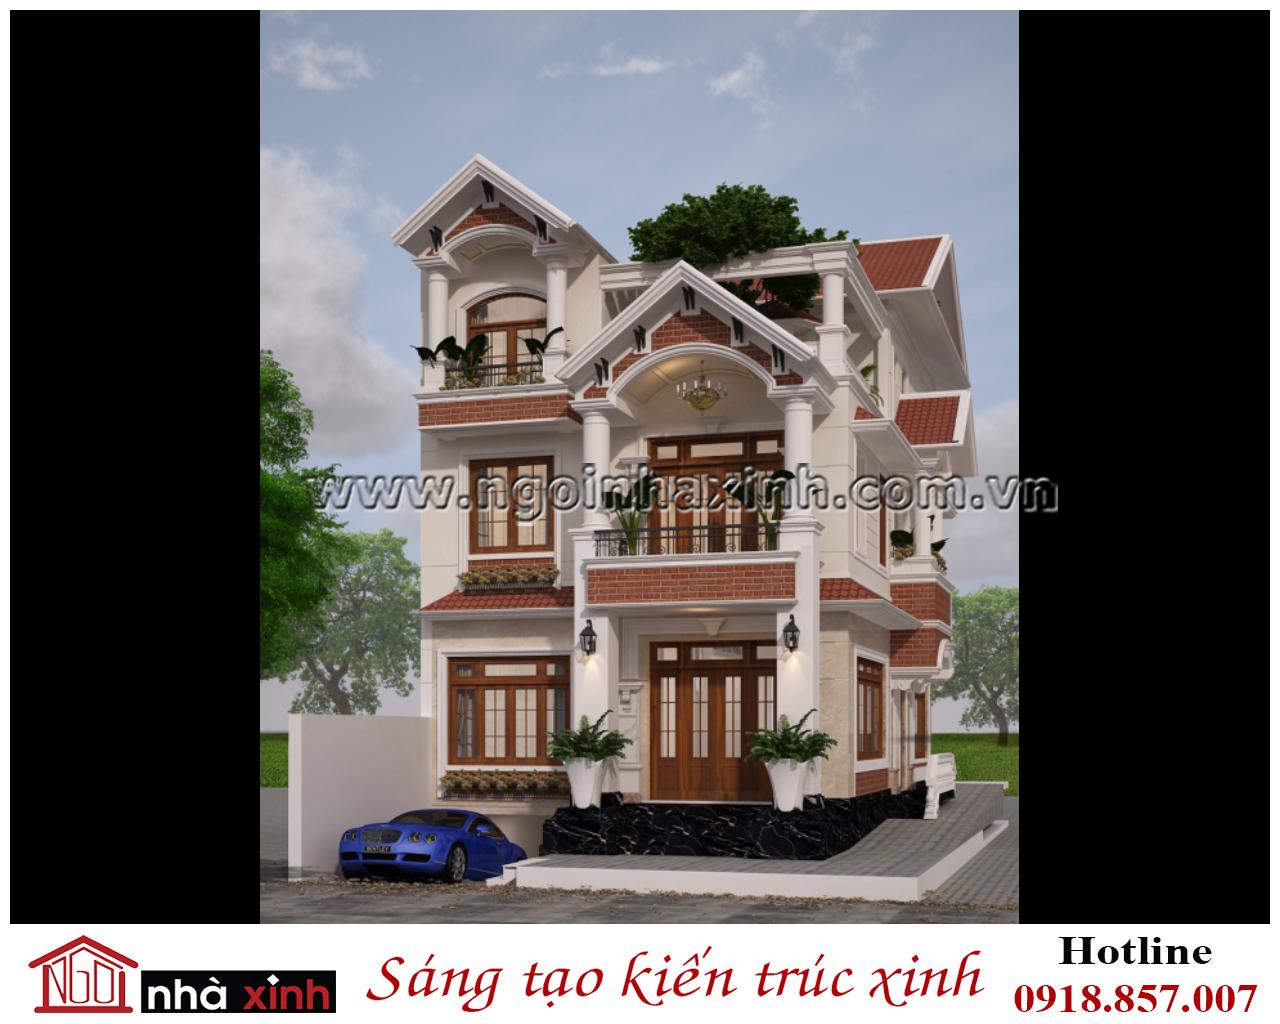 Thiết kế biệt thự đẹp anh Tùng-quận 12